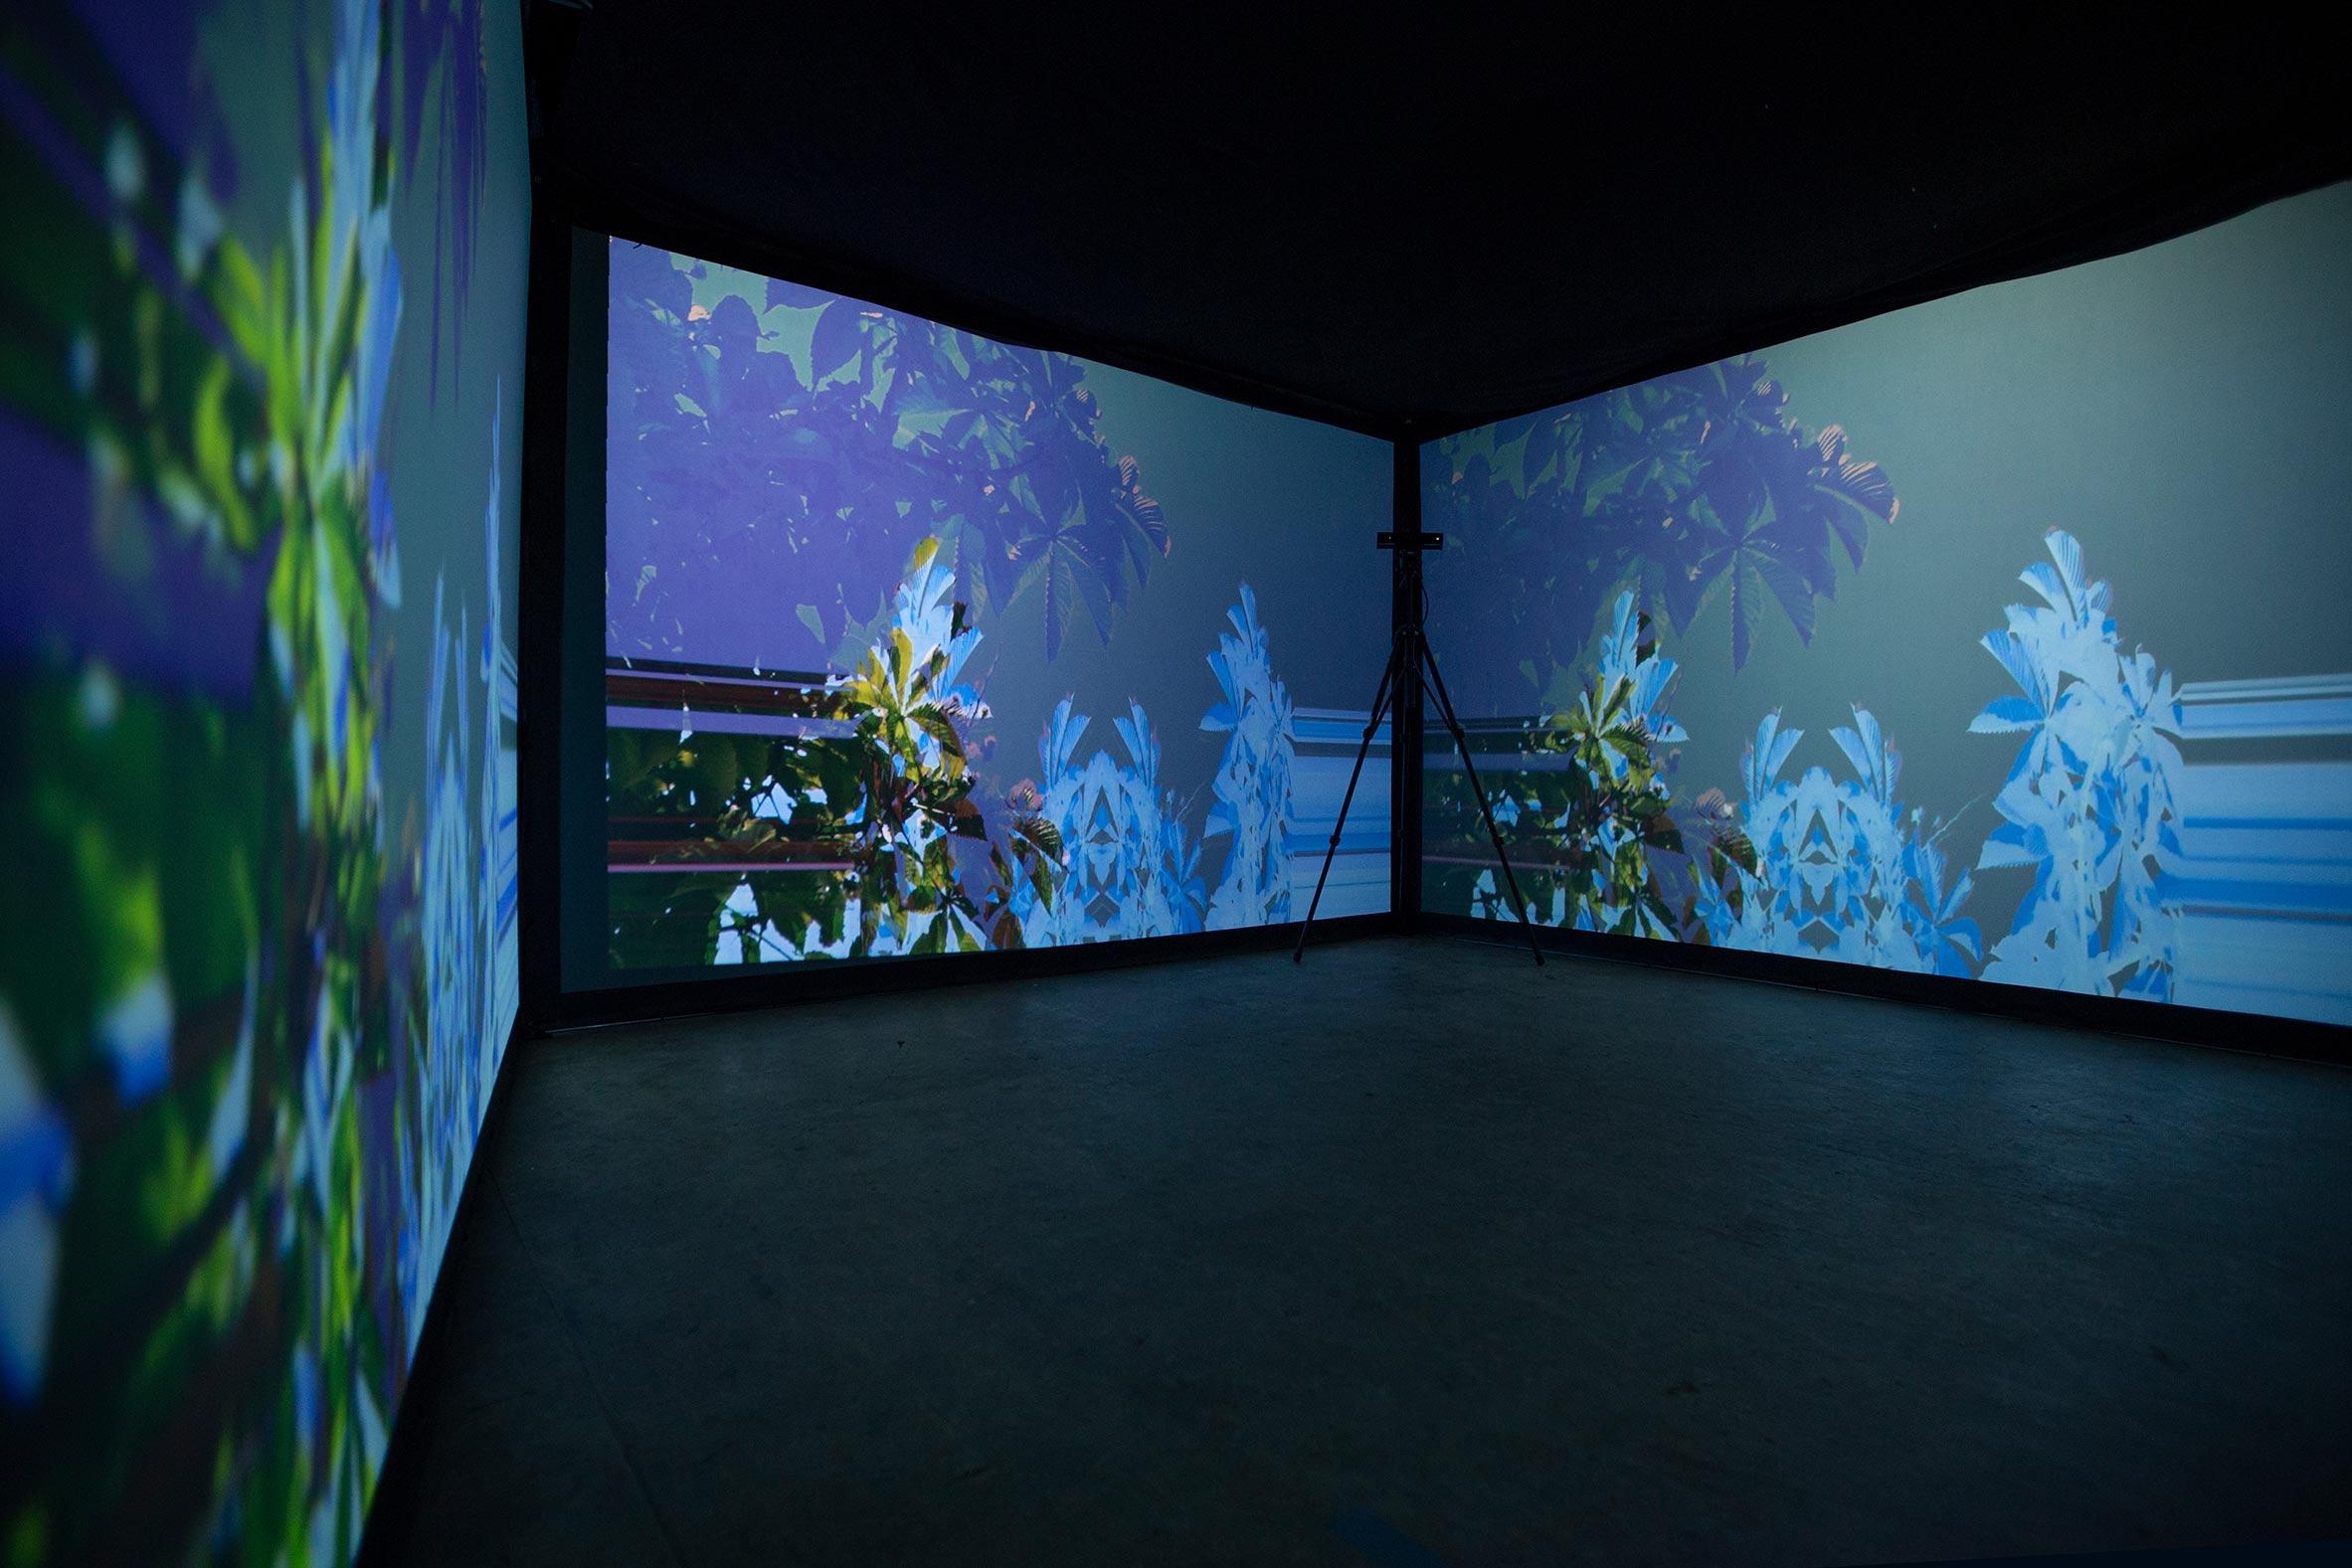 przestrzeń interaktywnej instalacji wideo czterokanałowego